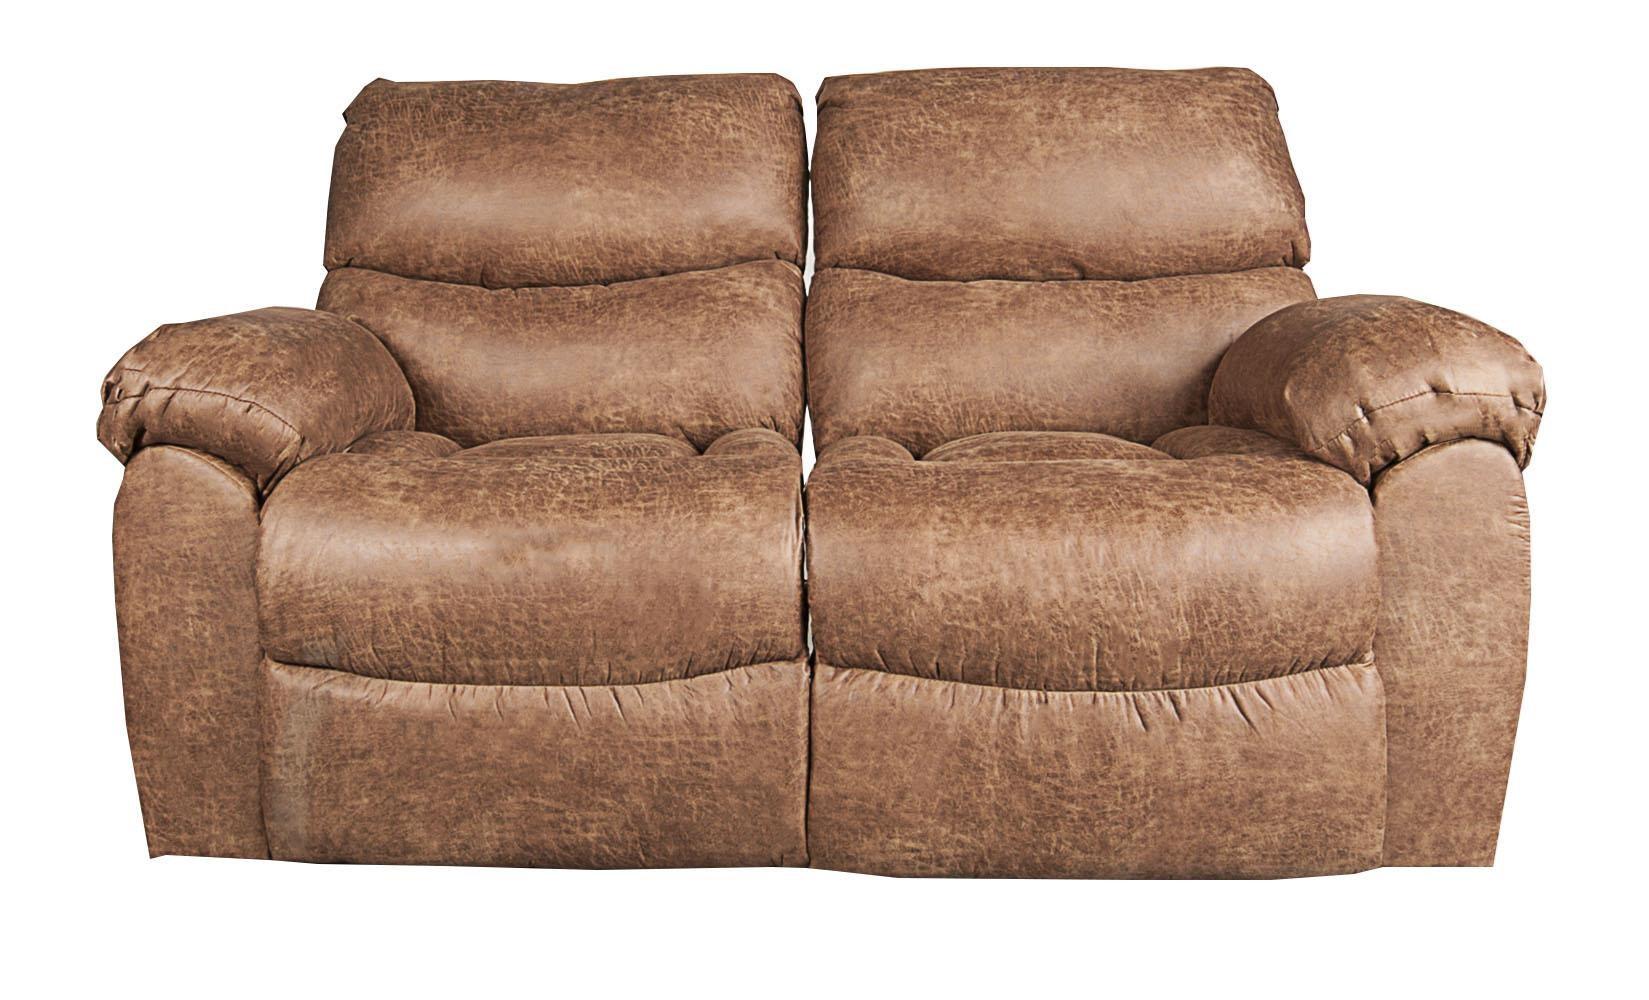 Morris Home Furnishings Dakota Dakota Rocking Reclining Loveseat - Item Number: 219341562